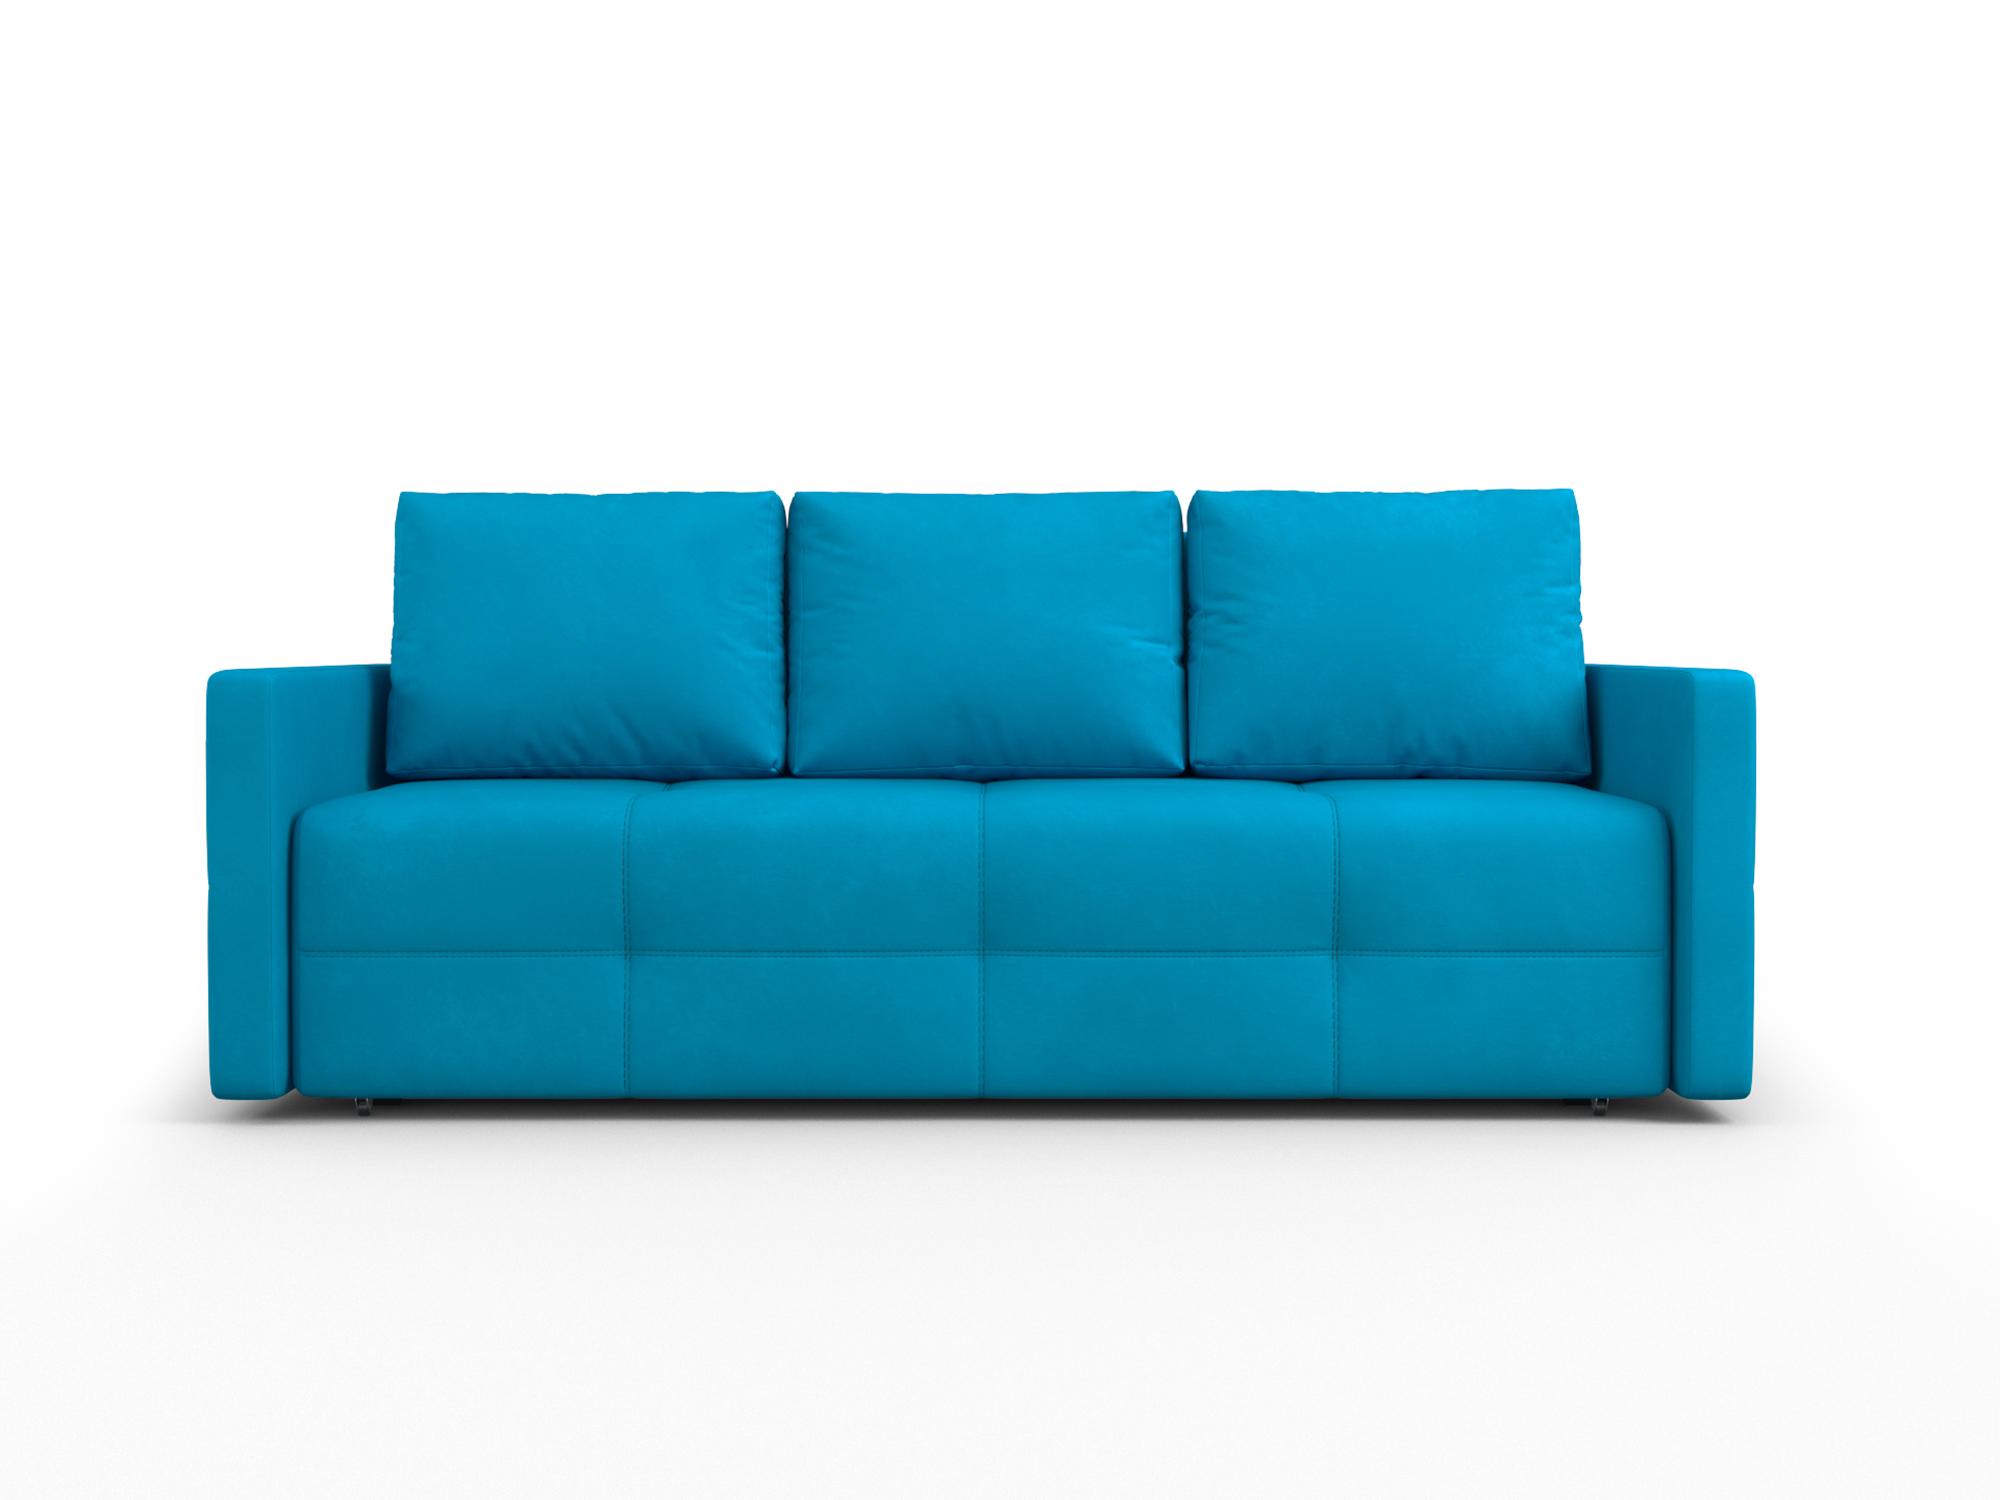 Фото - Диван Марсель 2 MebelVia Синий, Рогожка, Брус сосны диван шерлок ст евро mebelvia синий рогожка брус хвойных пород